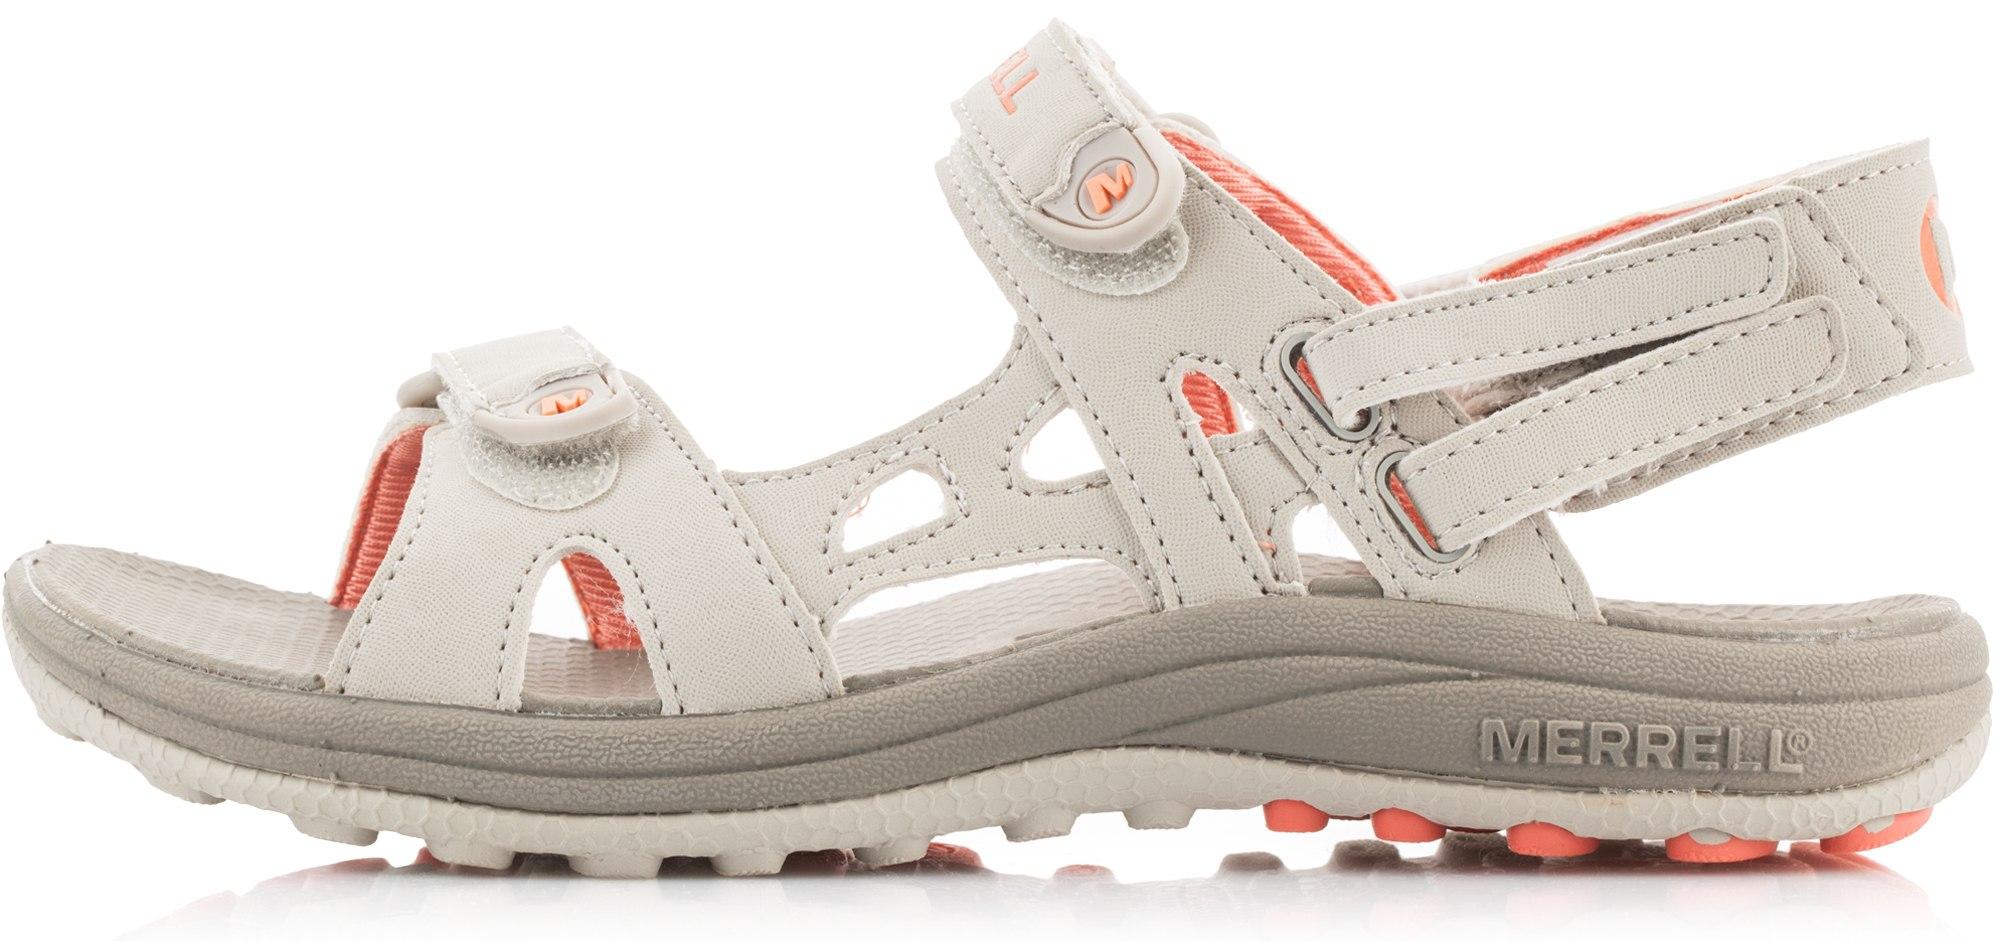 Обувь для походов. Что надеть на ноги в поход в горы. Merrell Cedrus Convert - легкие женские сандалии для прогулок по теплым местам. Совершенно не подходят для более-менее серьезных путешествий